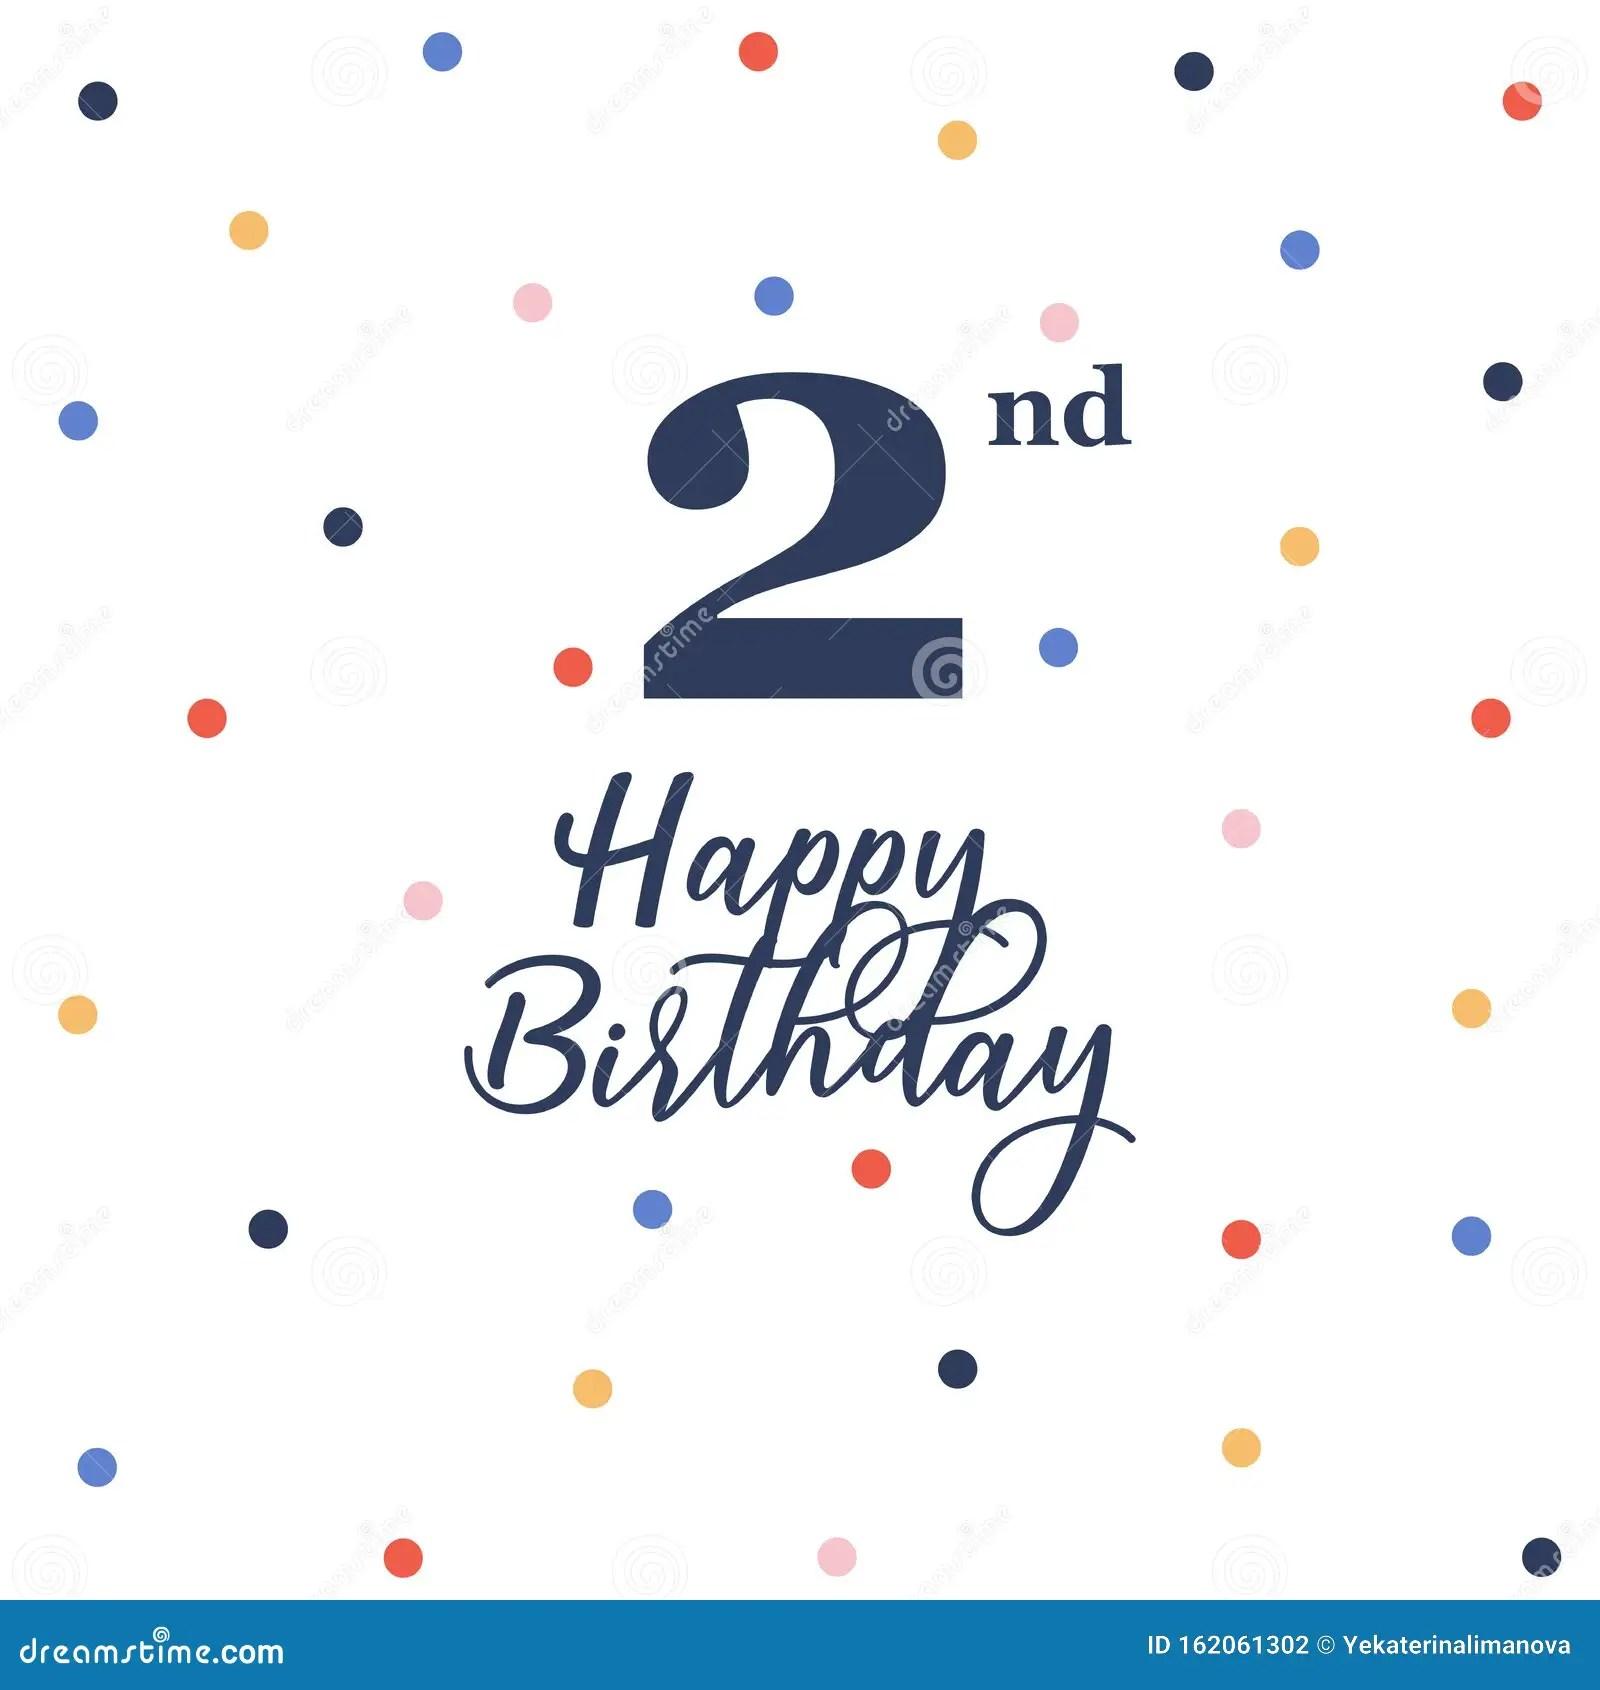 Happy 2nd Birthday Stock Vector Illustration Of Balloon 162061302